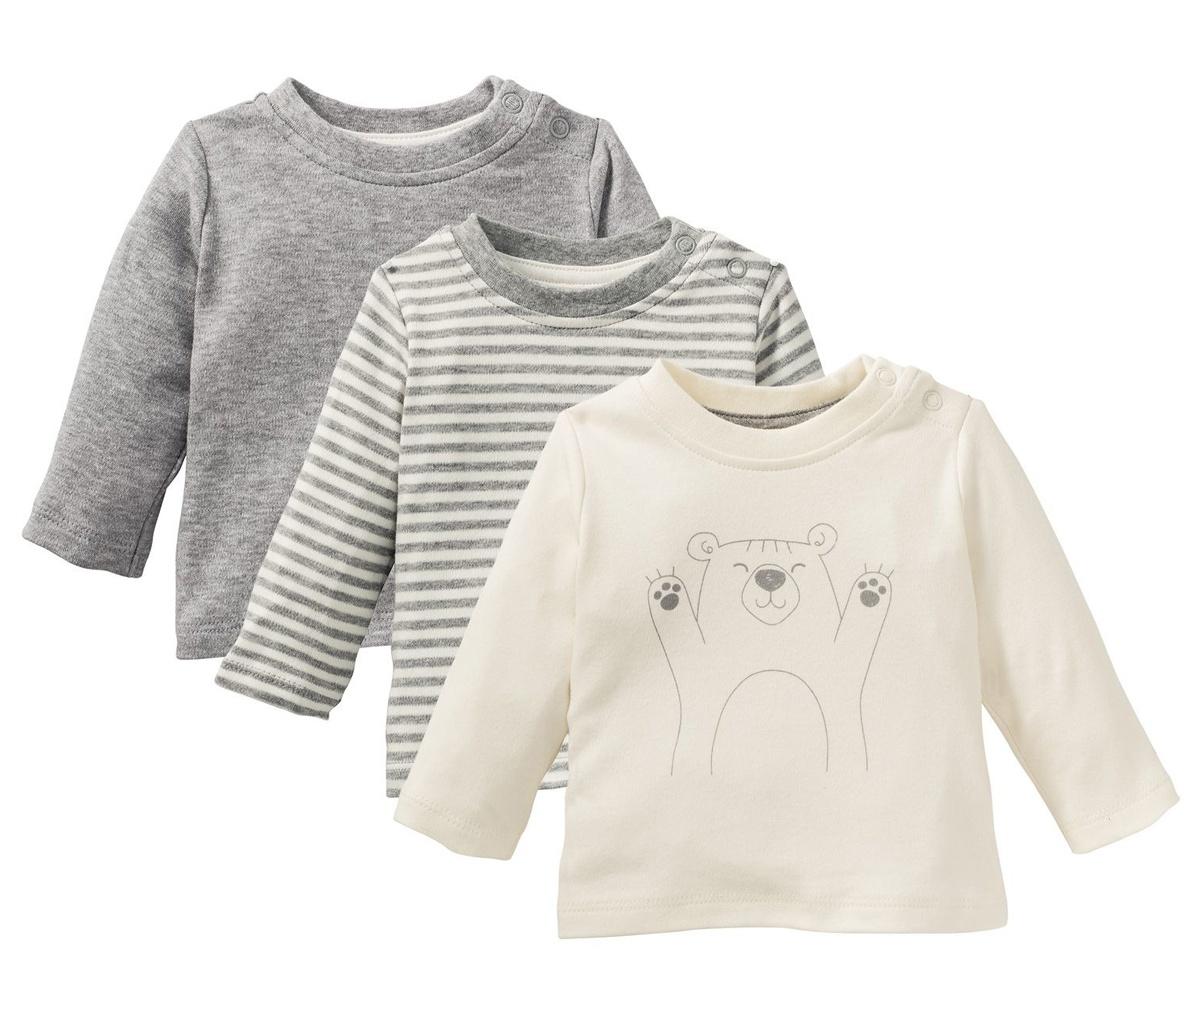 تاپ و تی شرت راحتی نوزاد